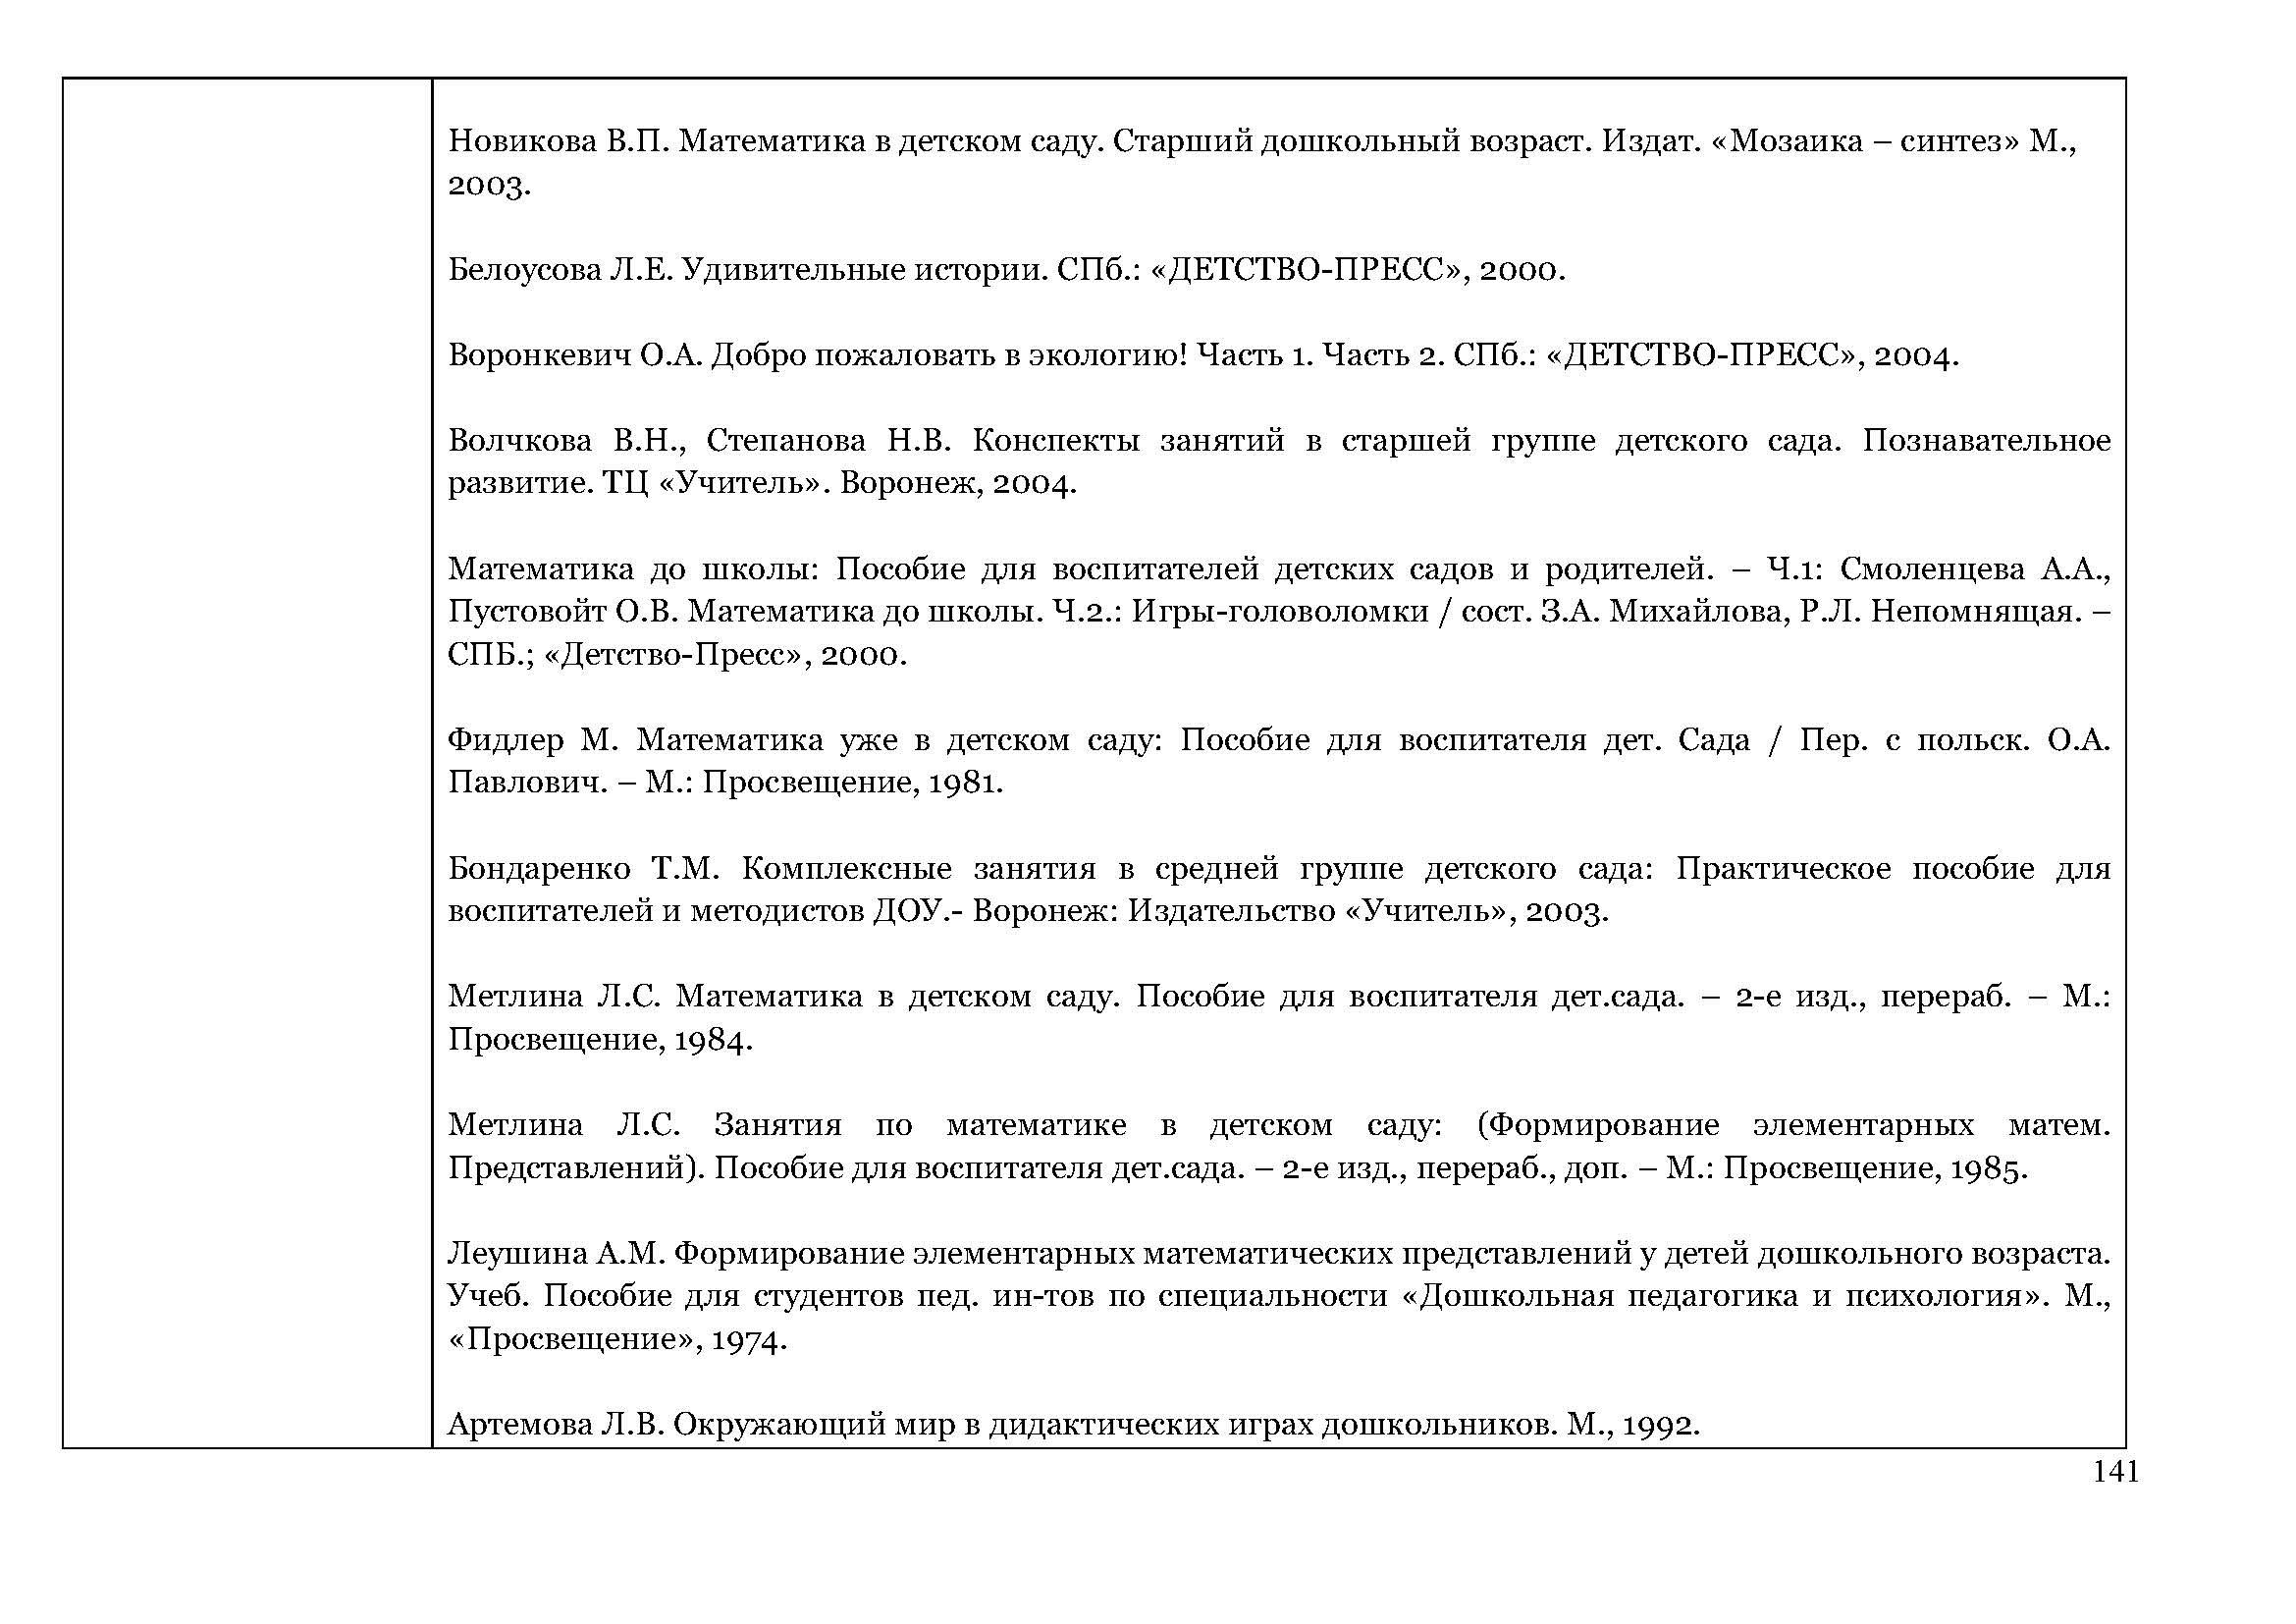 образовательная_программа_Страница_141